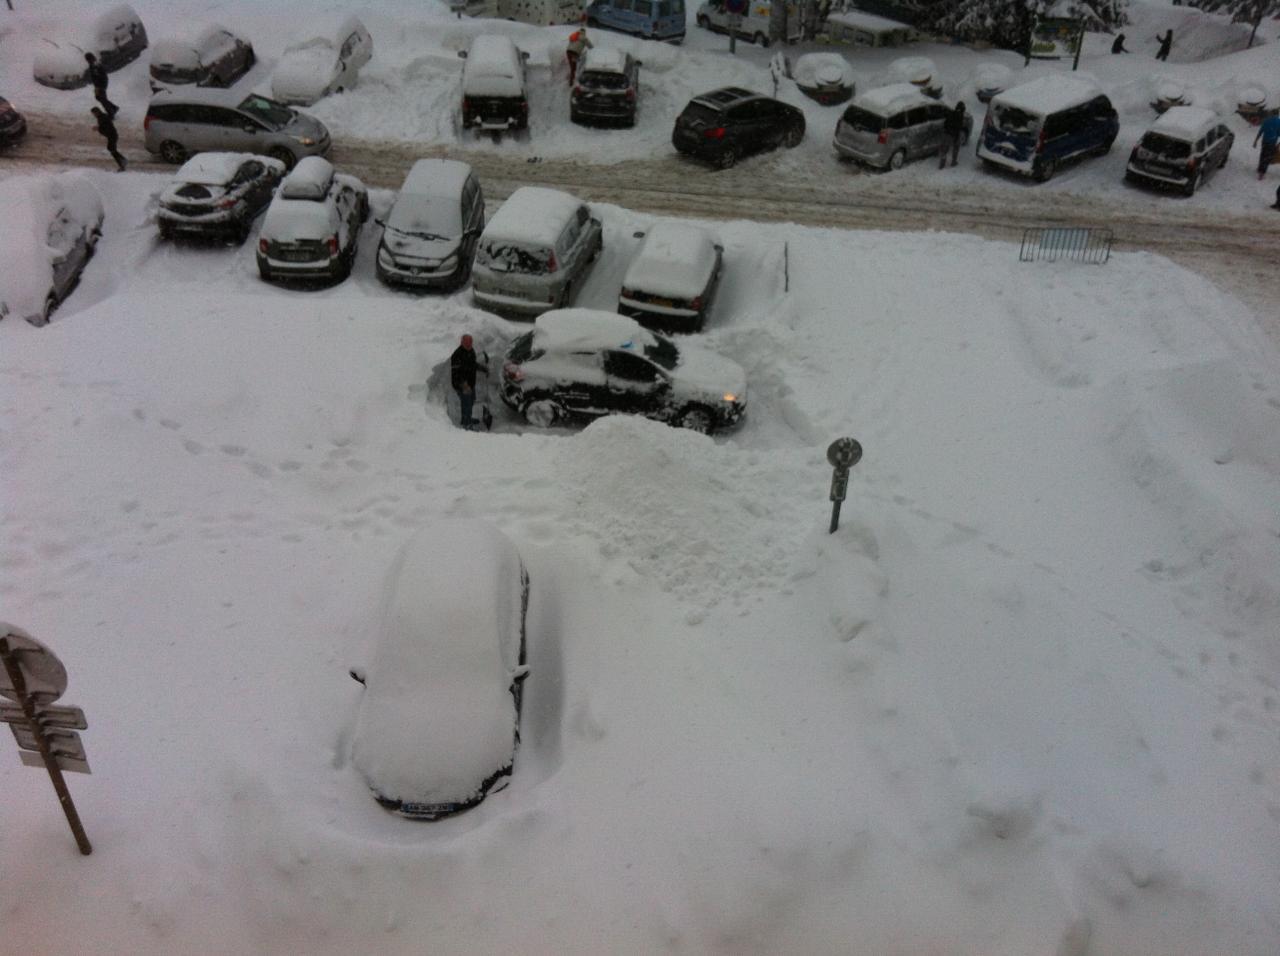 dimanche 16 h : à la recherche de l'auto enfouie ...